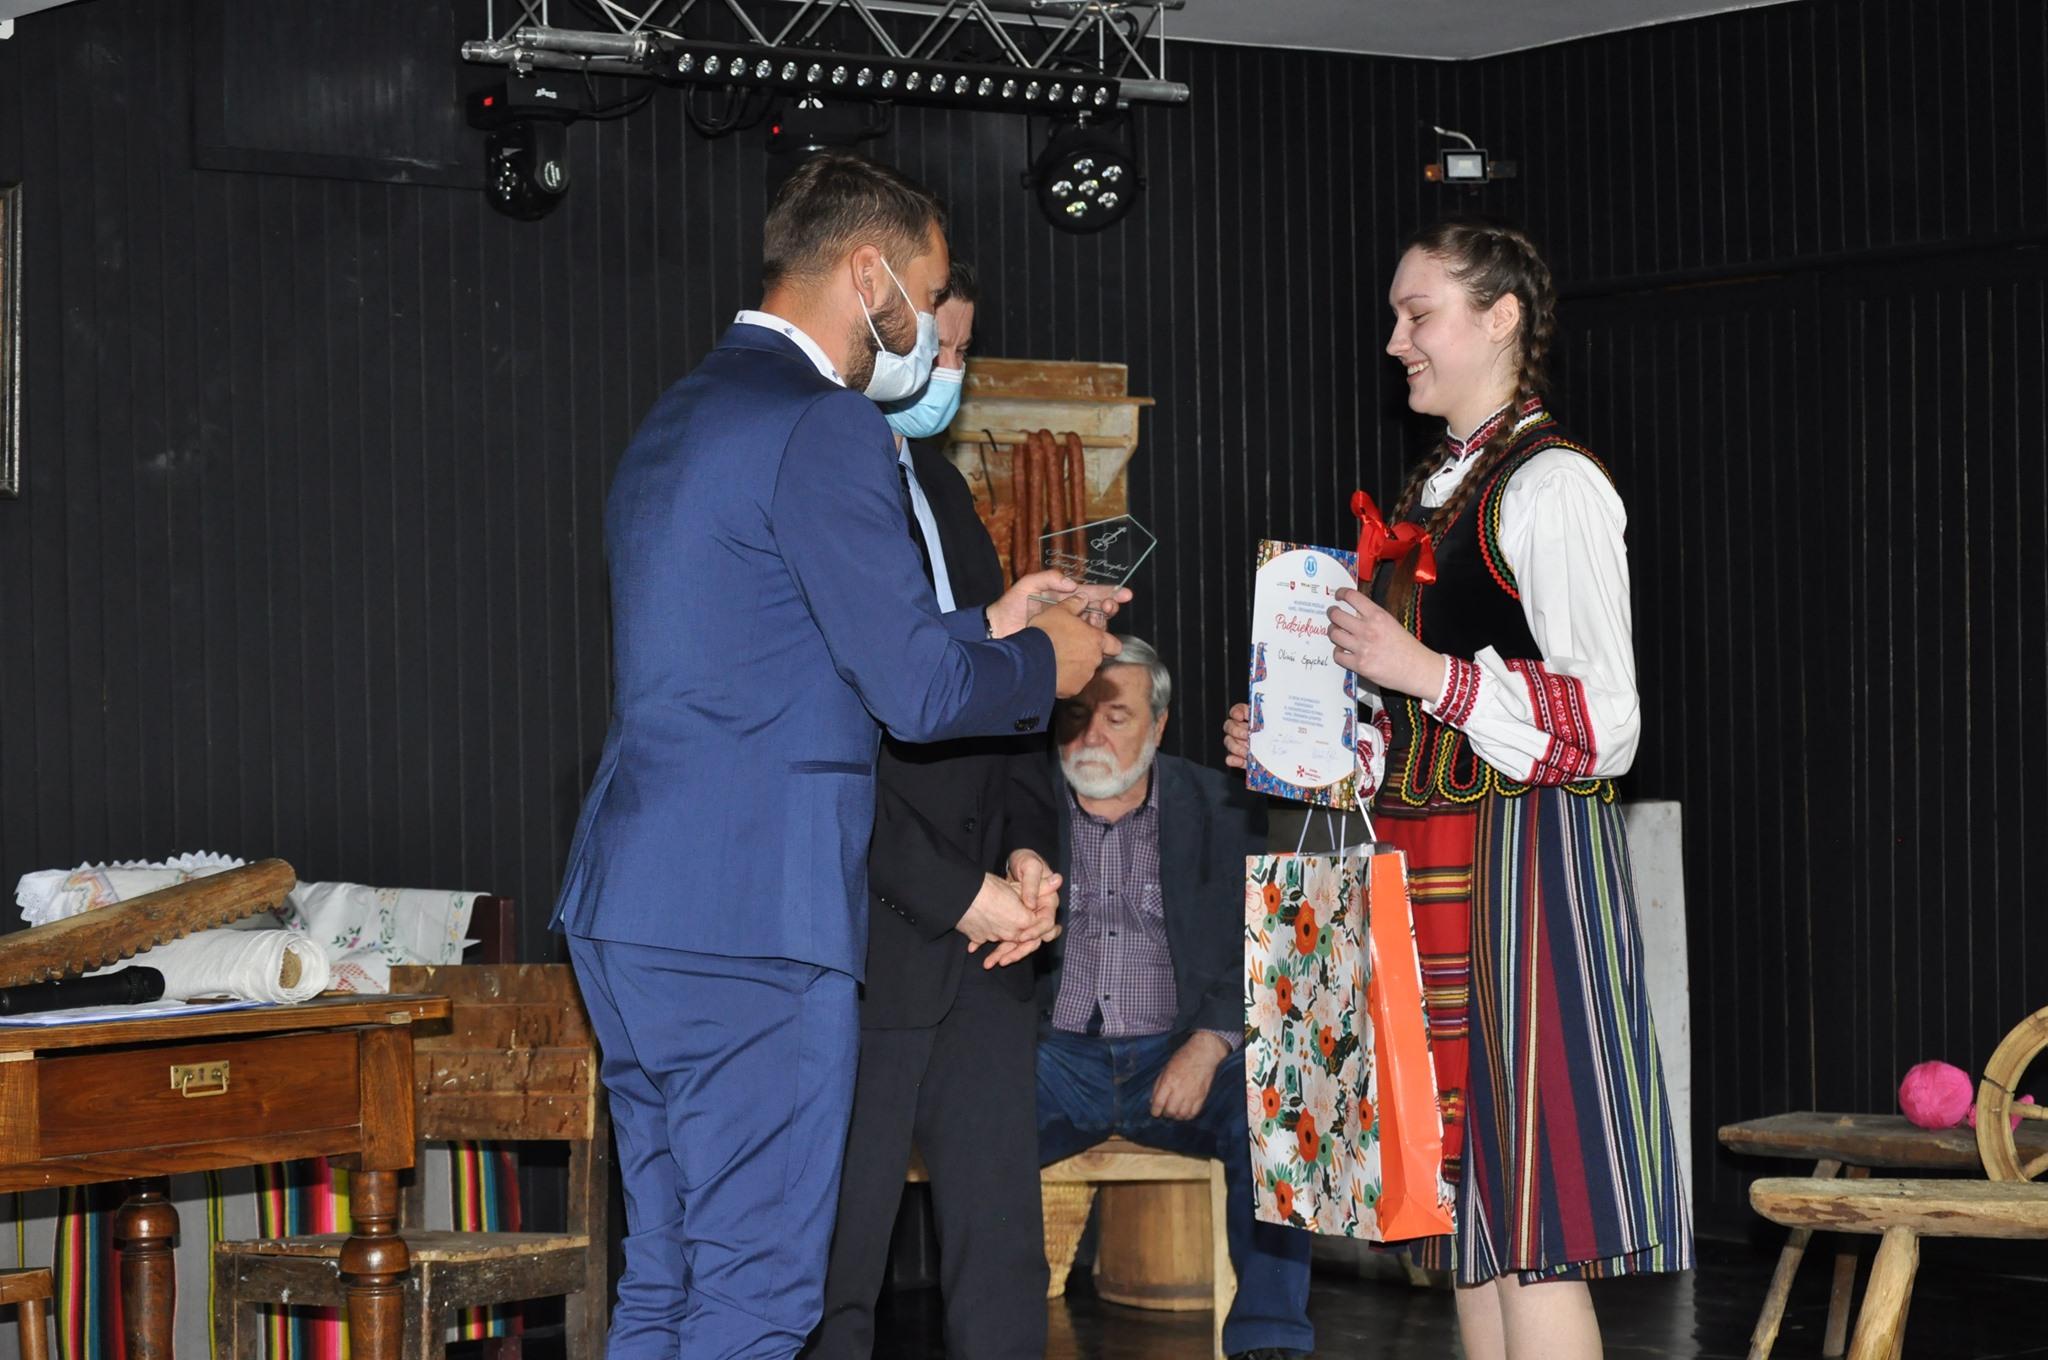 Będą reprezentować powiat na wojewódzkich eliminacjach do Festiwalu Kapel i Śpiewaków Ludowych (ZDJĘCIA) - Zdjęcie główne